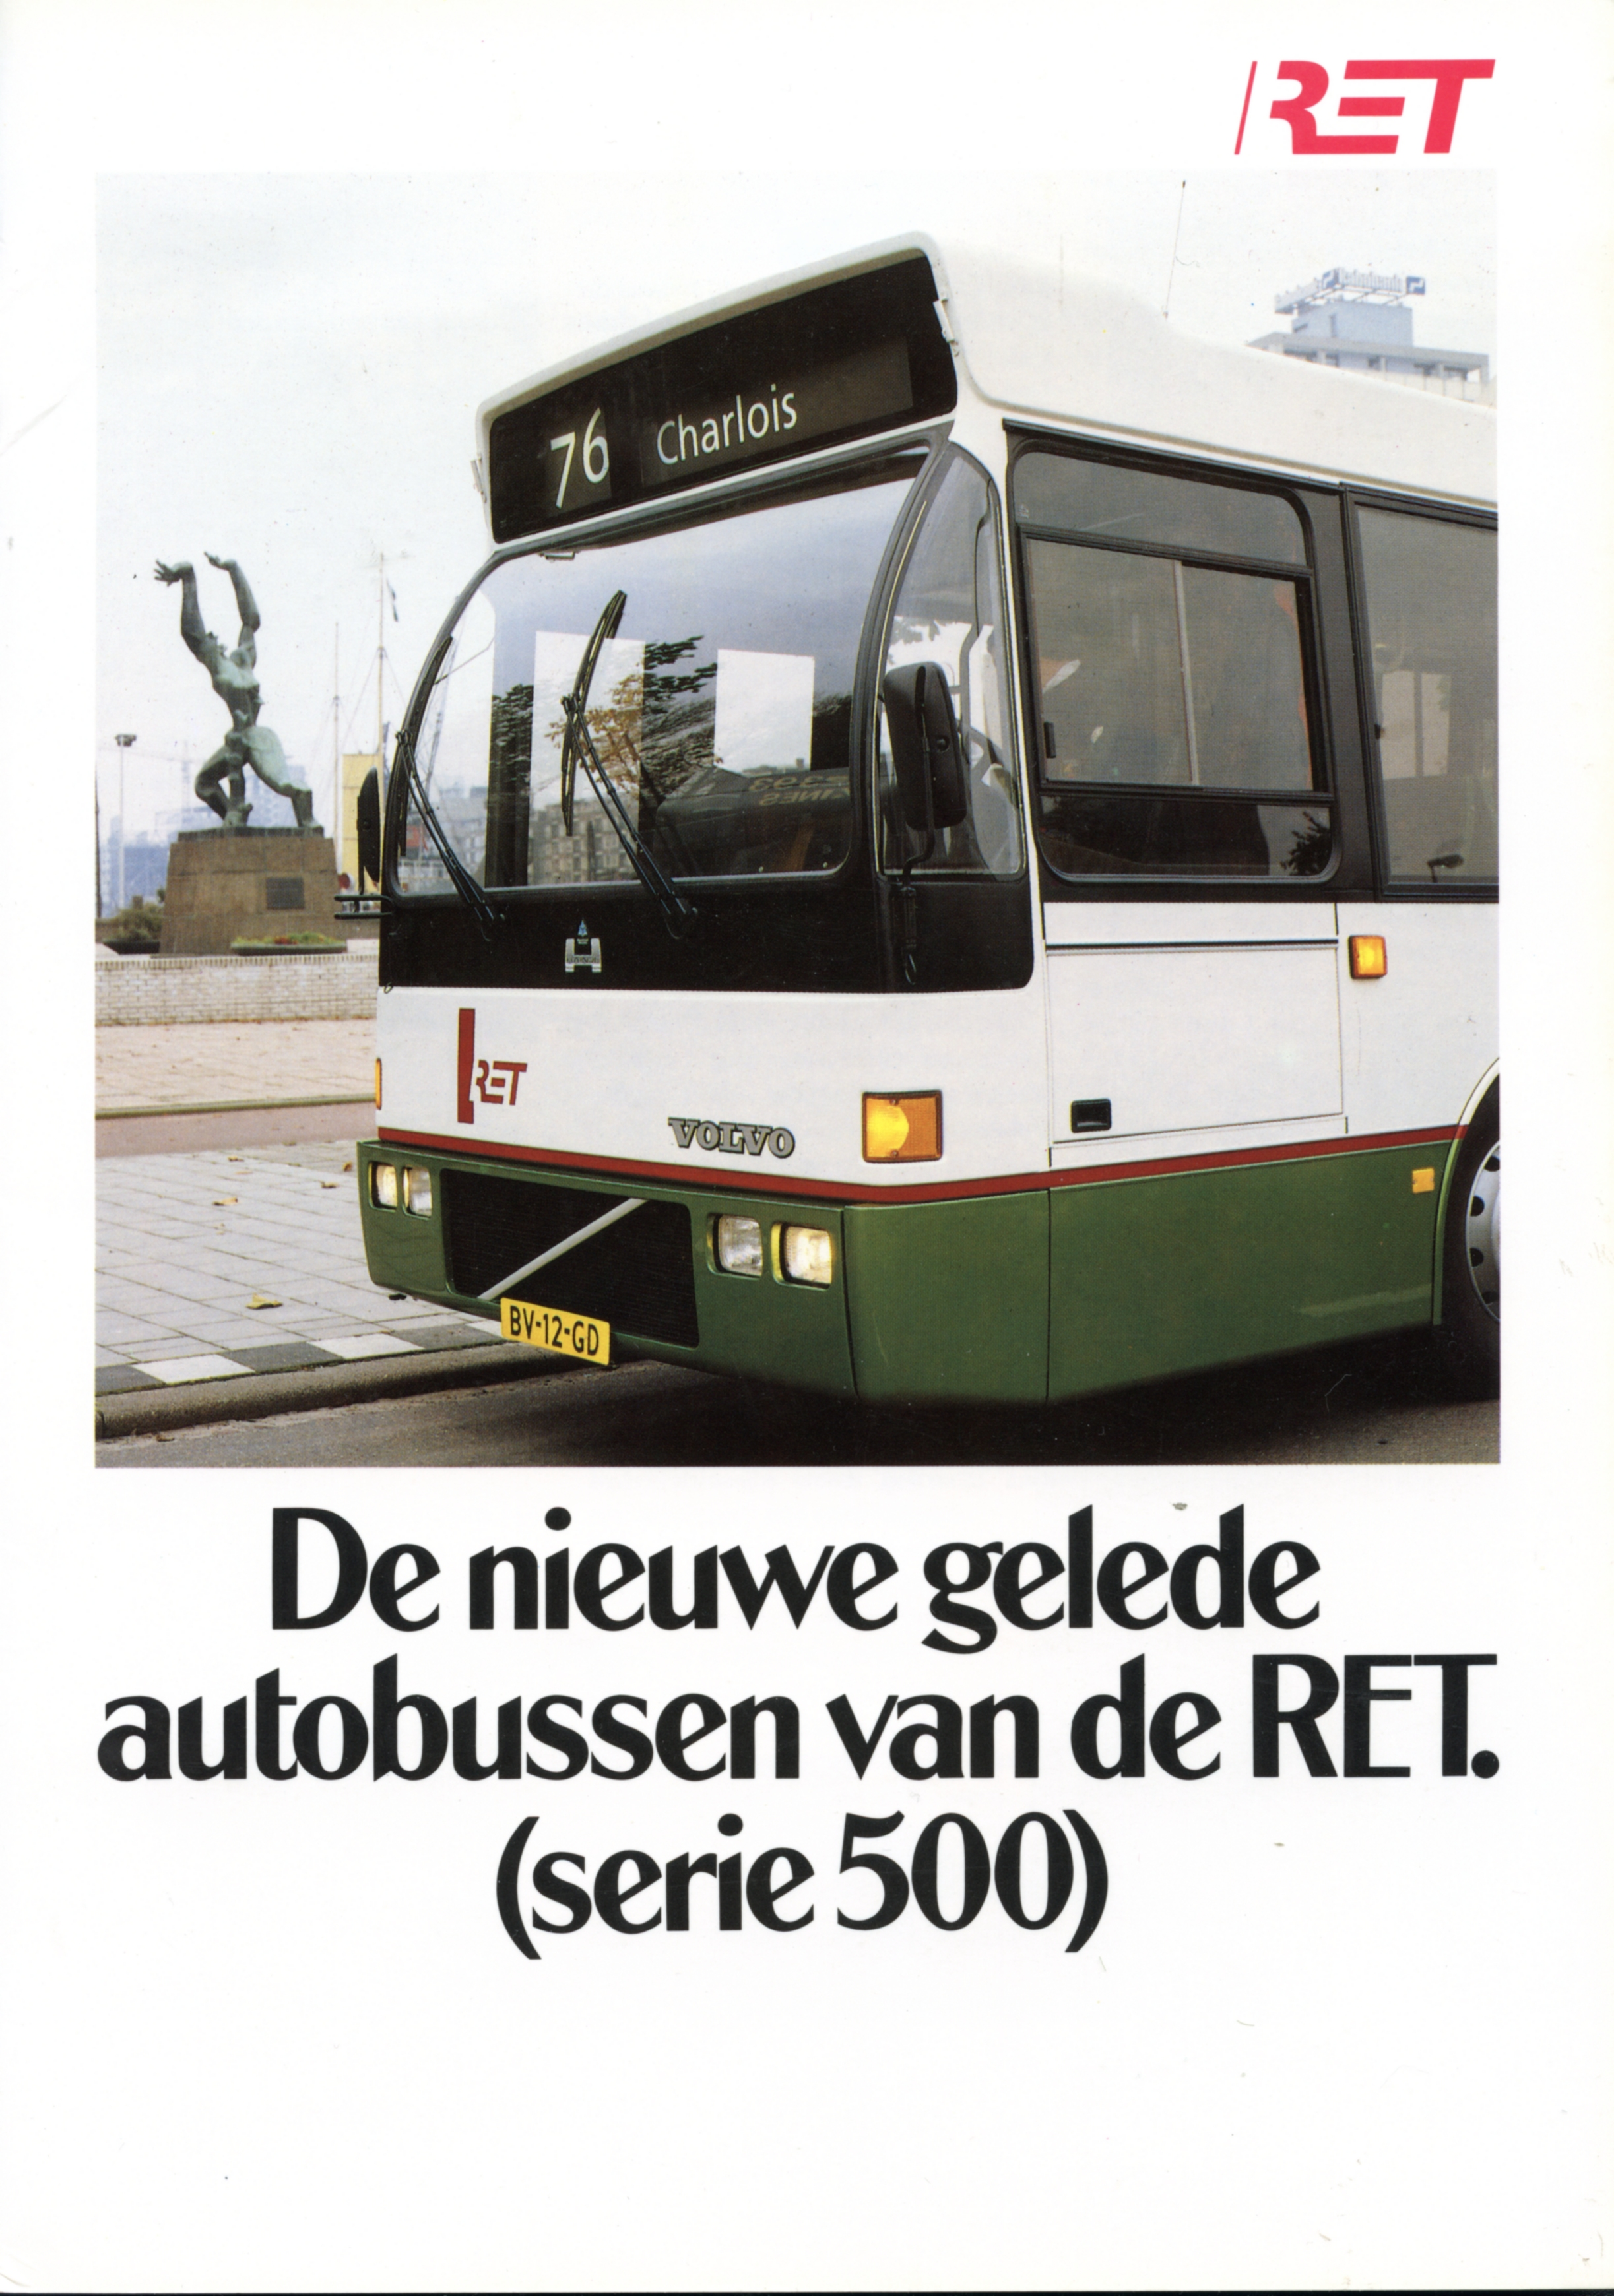 de-nieuwe-gelede-autobussen-van-de-ret-serie-500